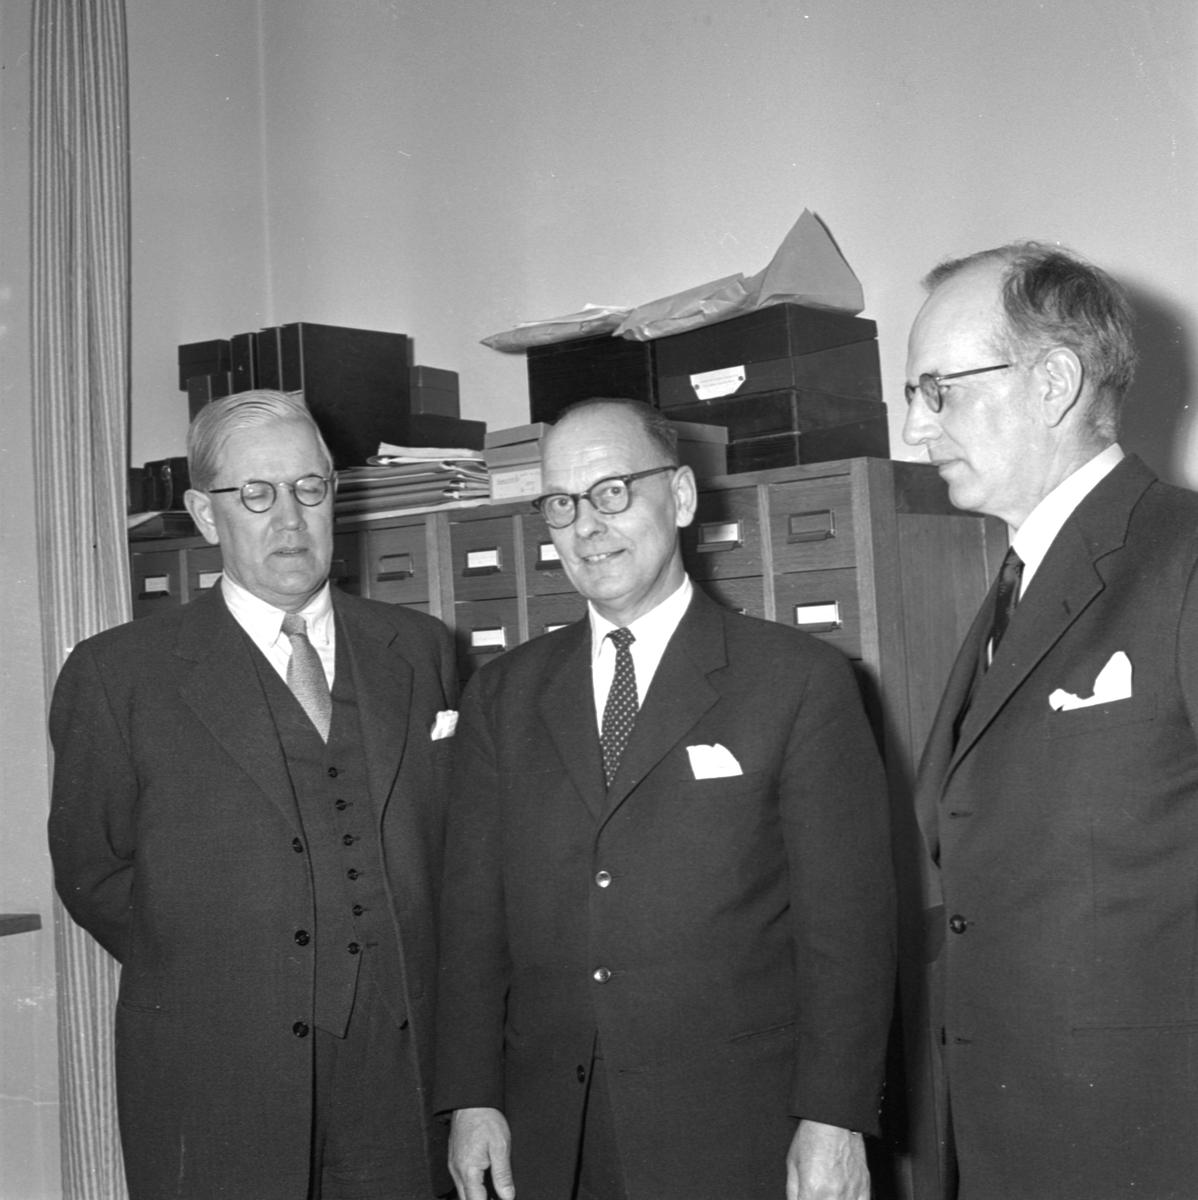 Professor Björn Collinder tillsammans med professorerna Gösta Bergman och Valter Jansson, Uppsala april 1958